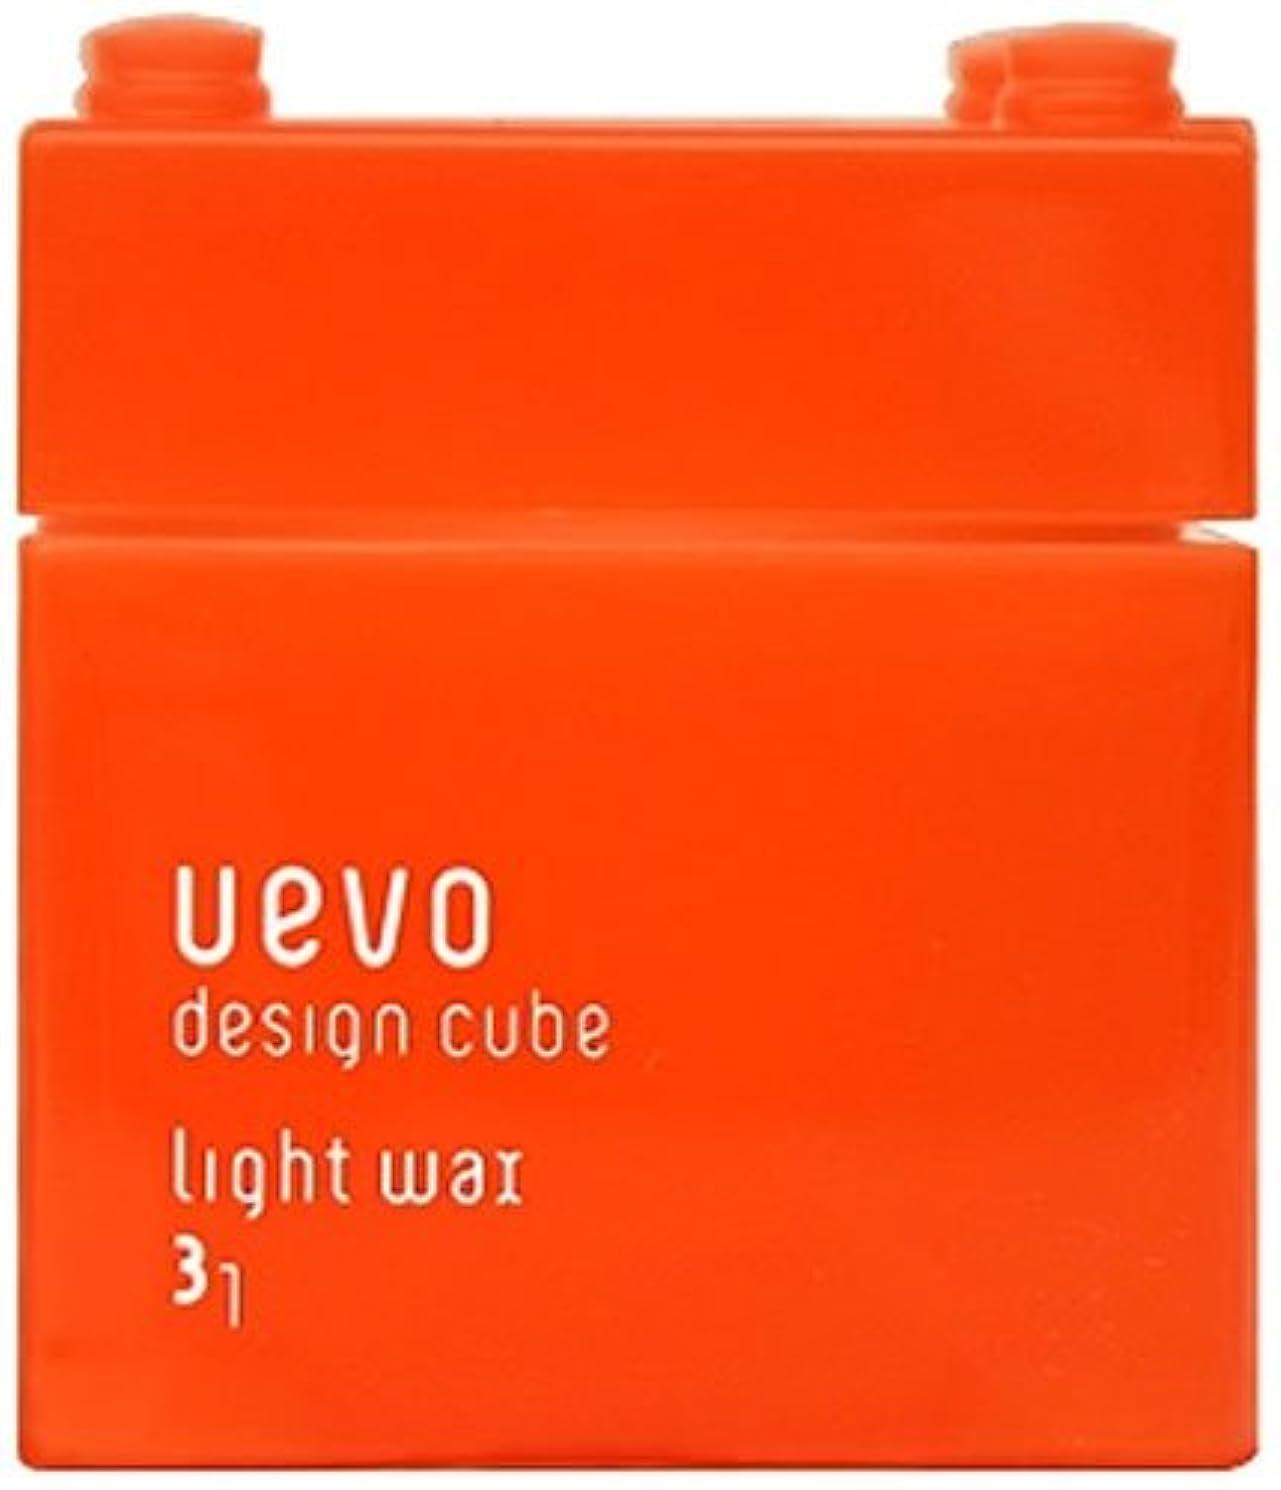 一月チャームウェーボ デザインキューブ ライトワックス 80g